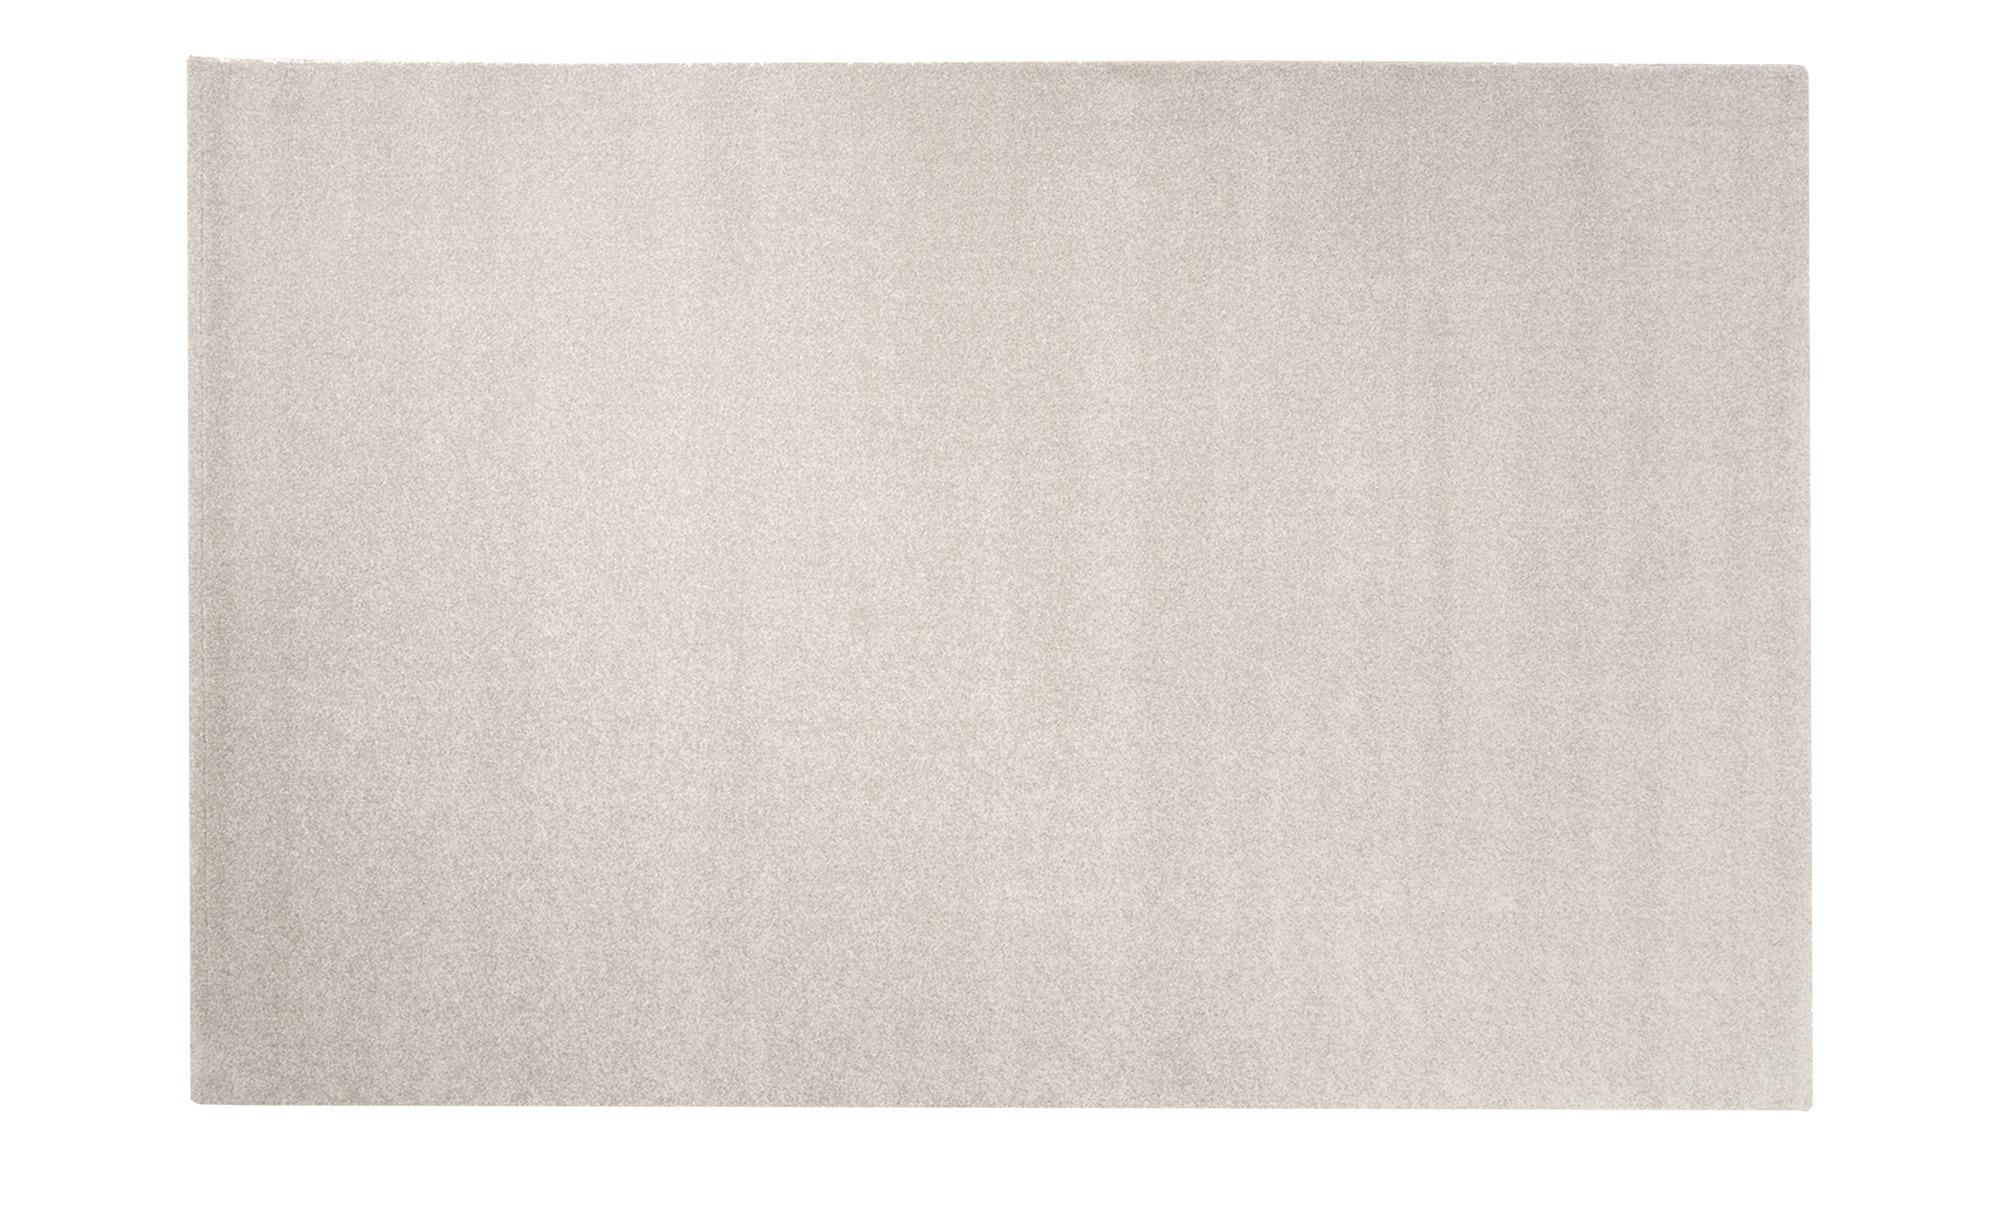 Kurzflorteppich  Louvre Melange ¦ grau ¦ 100% Polypropylen, Synthethische Fasern ¦ Maße (cm): B: 80 Teppiche > Wohnteppiche - Höffner